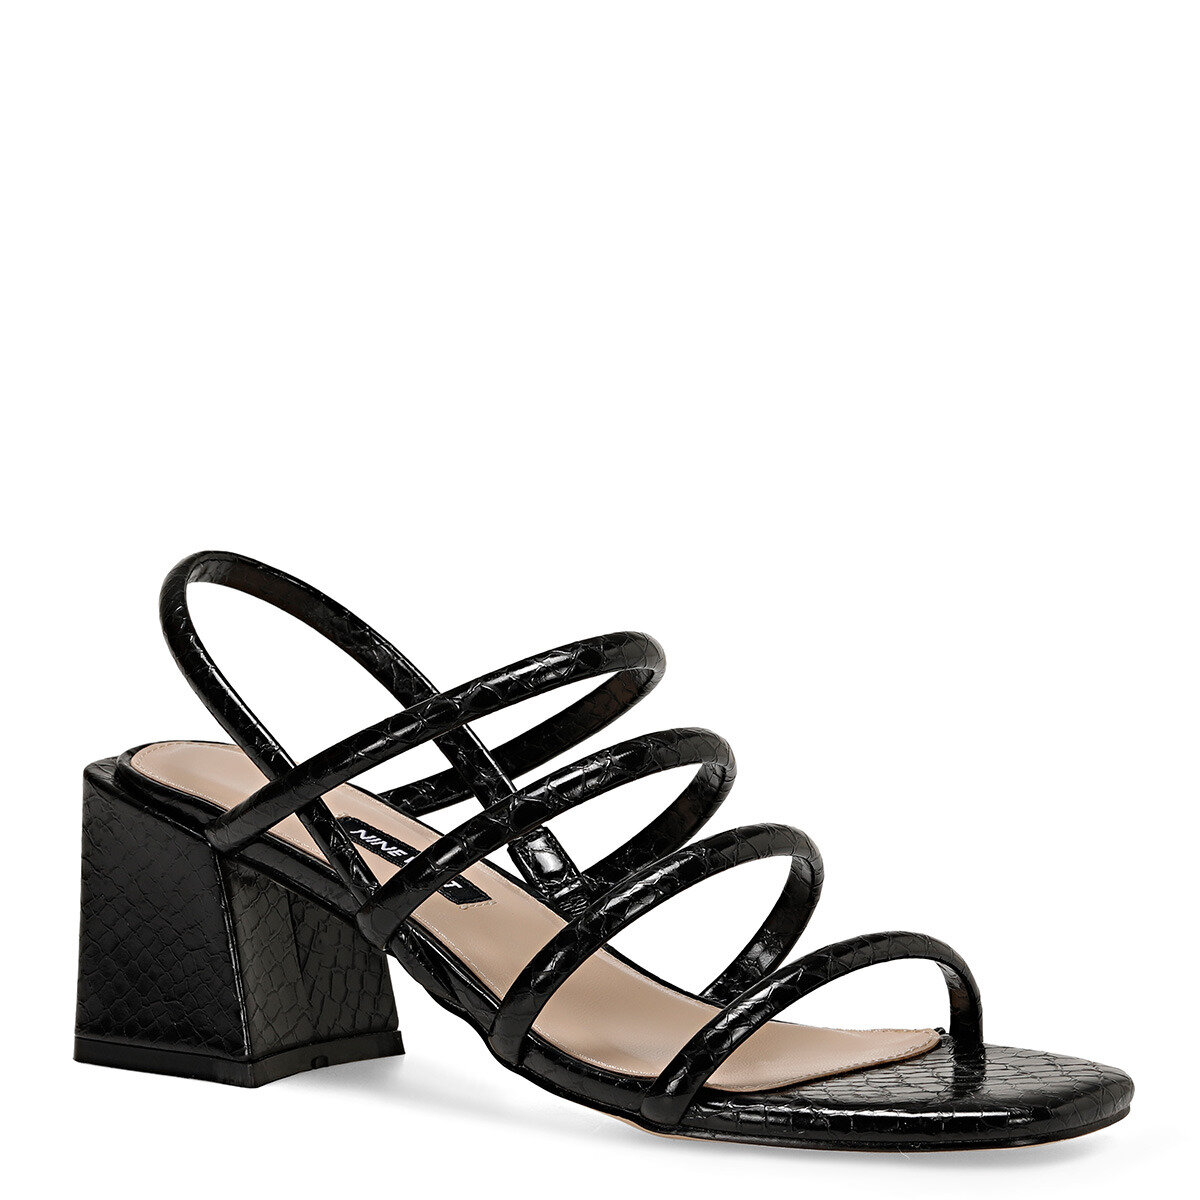 LAMAR Siyah Kadın Topuklu Sandalet